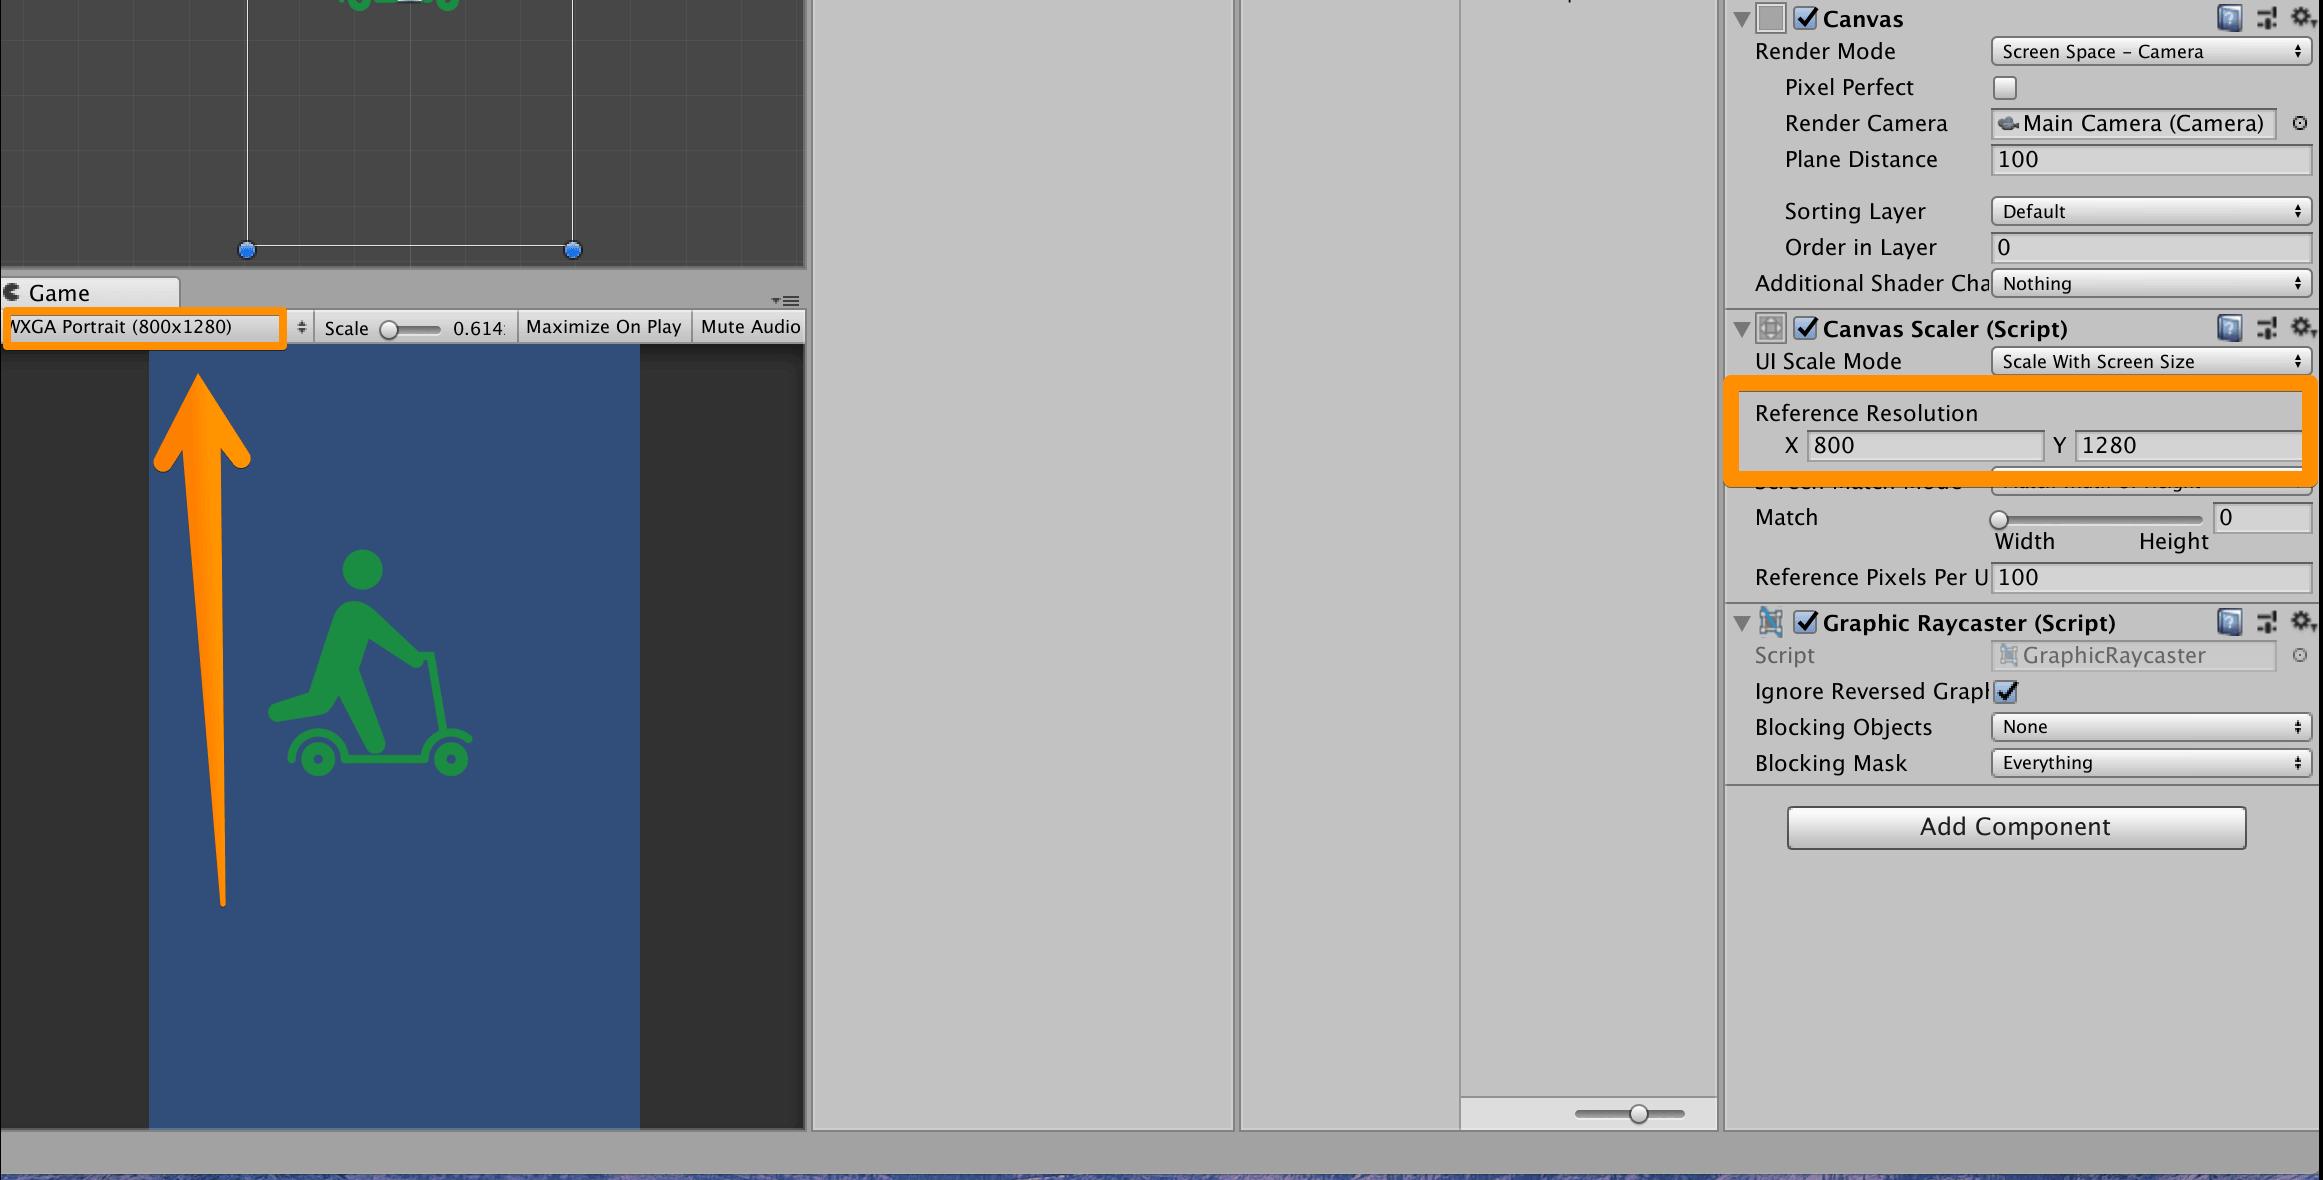 Unityで【Reference Resolution】→【Gameビューで指定した画面サイズにする】